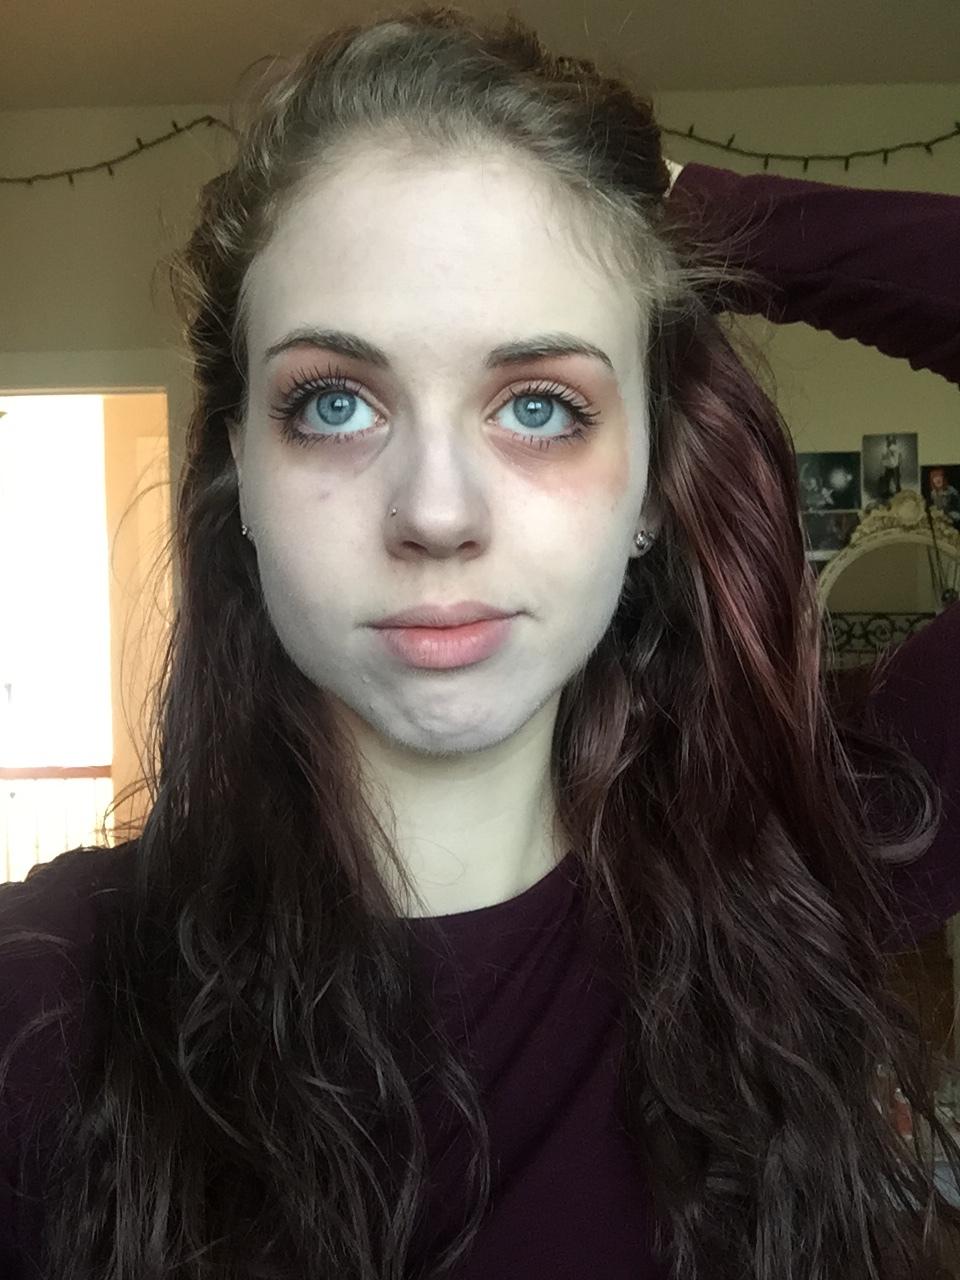 With Makeup Pt. 1